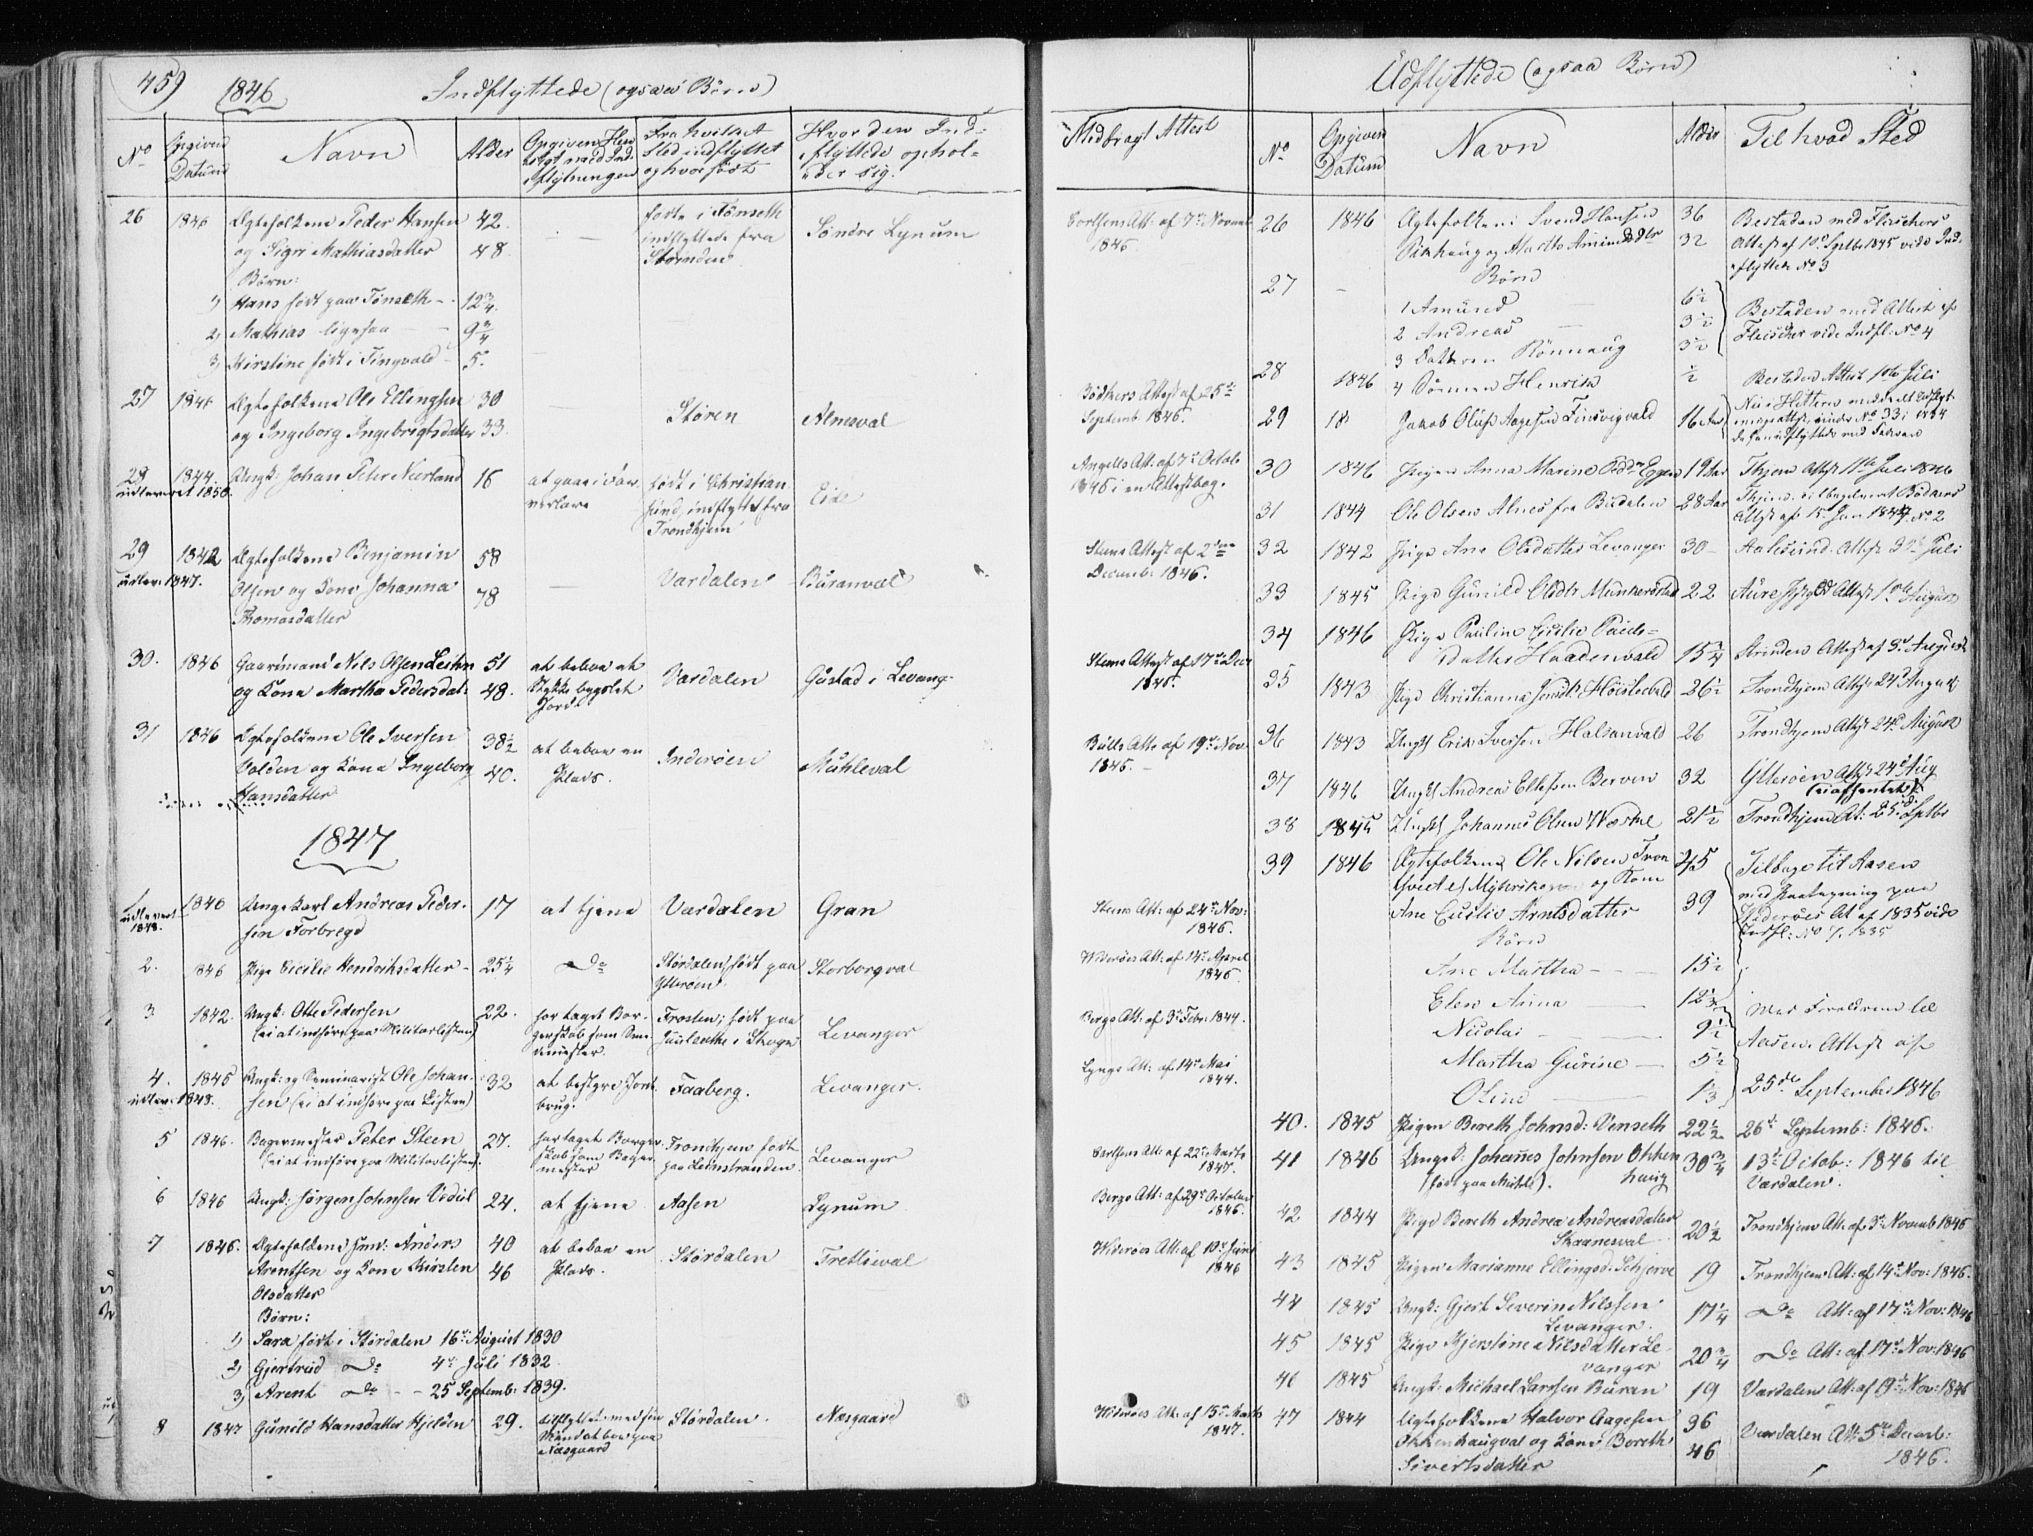 SAT, Ministerialprotokoller, klokkerbøker og fødselsregistre - Nord-Trøndelag, 717/L0154: Ministerialbok nr. 717A06 /1, 1836-1849, s. 459